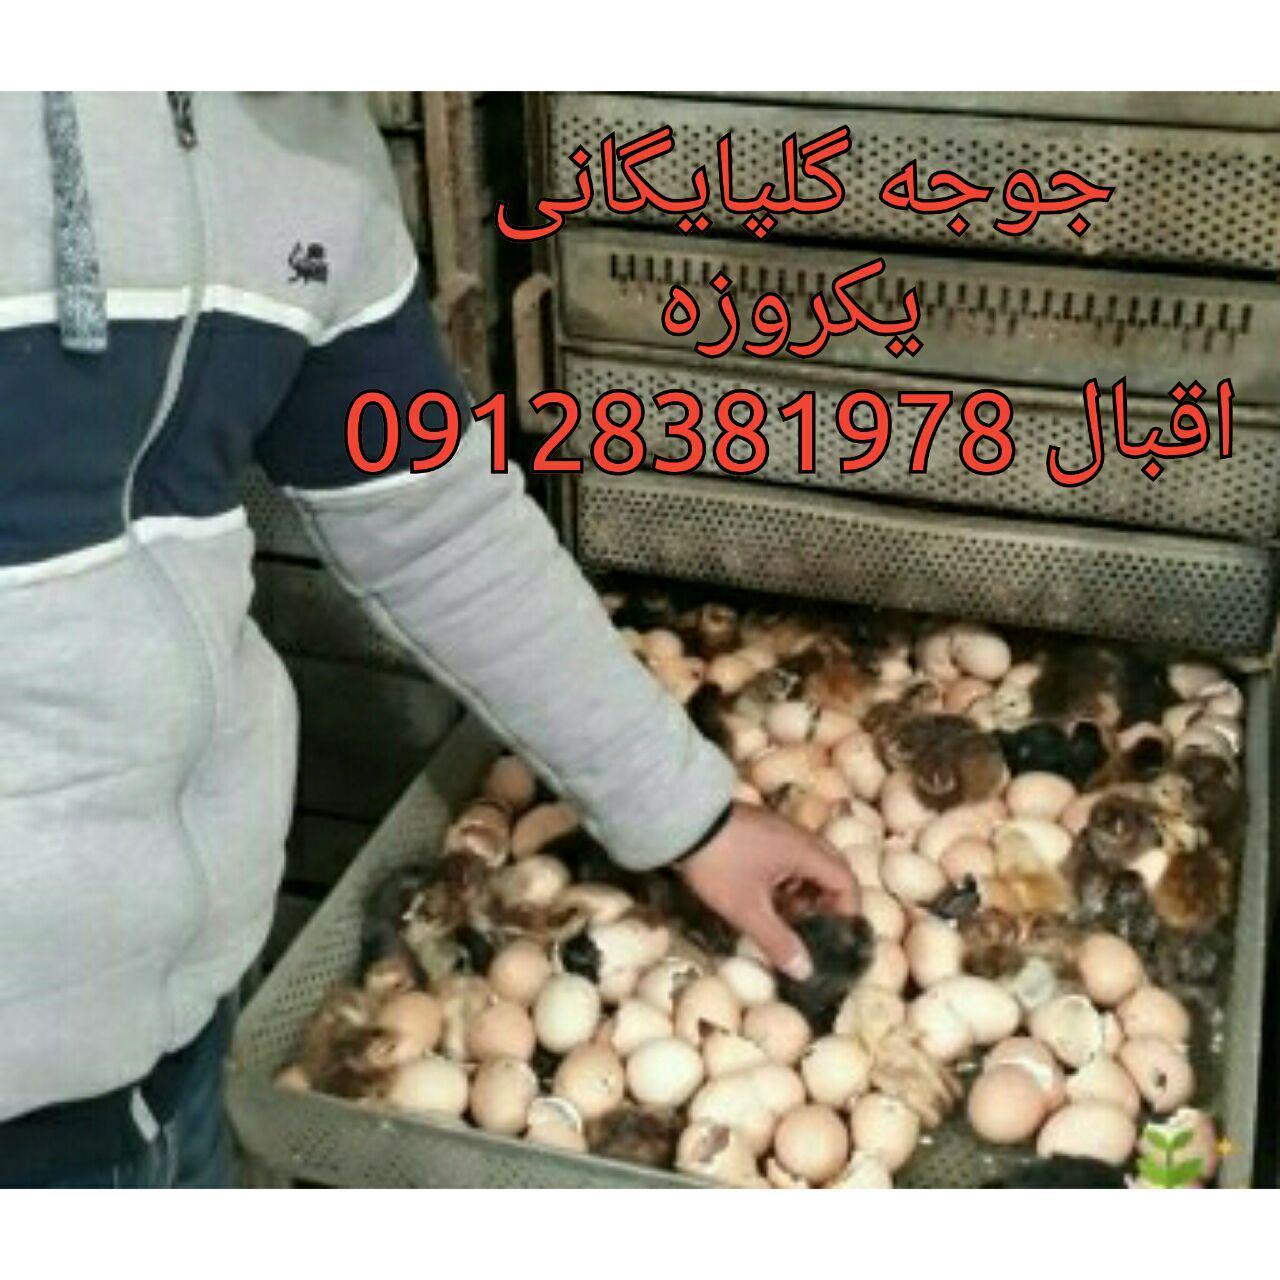 فروش جوجه بومی درایران 09124439674